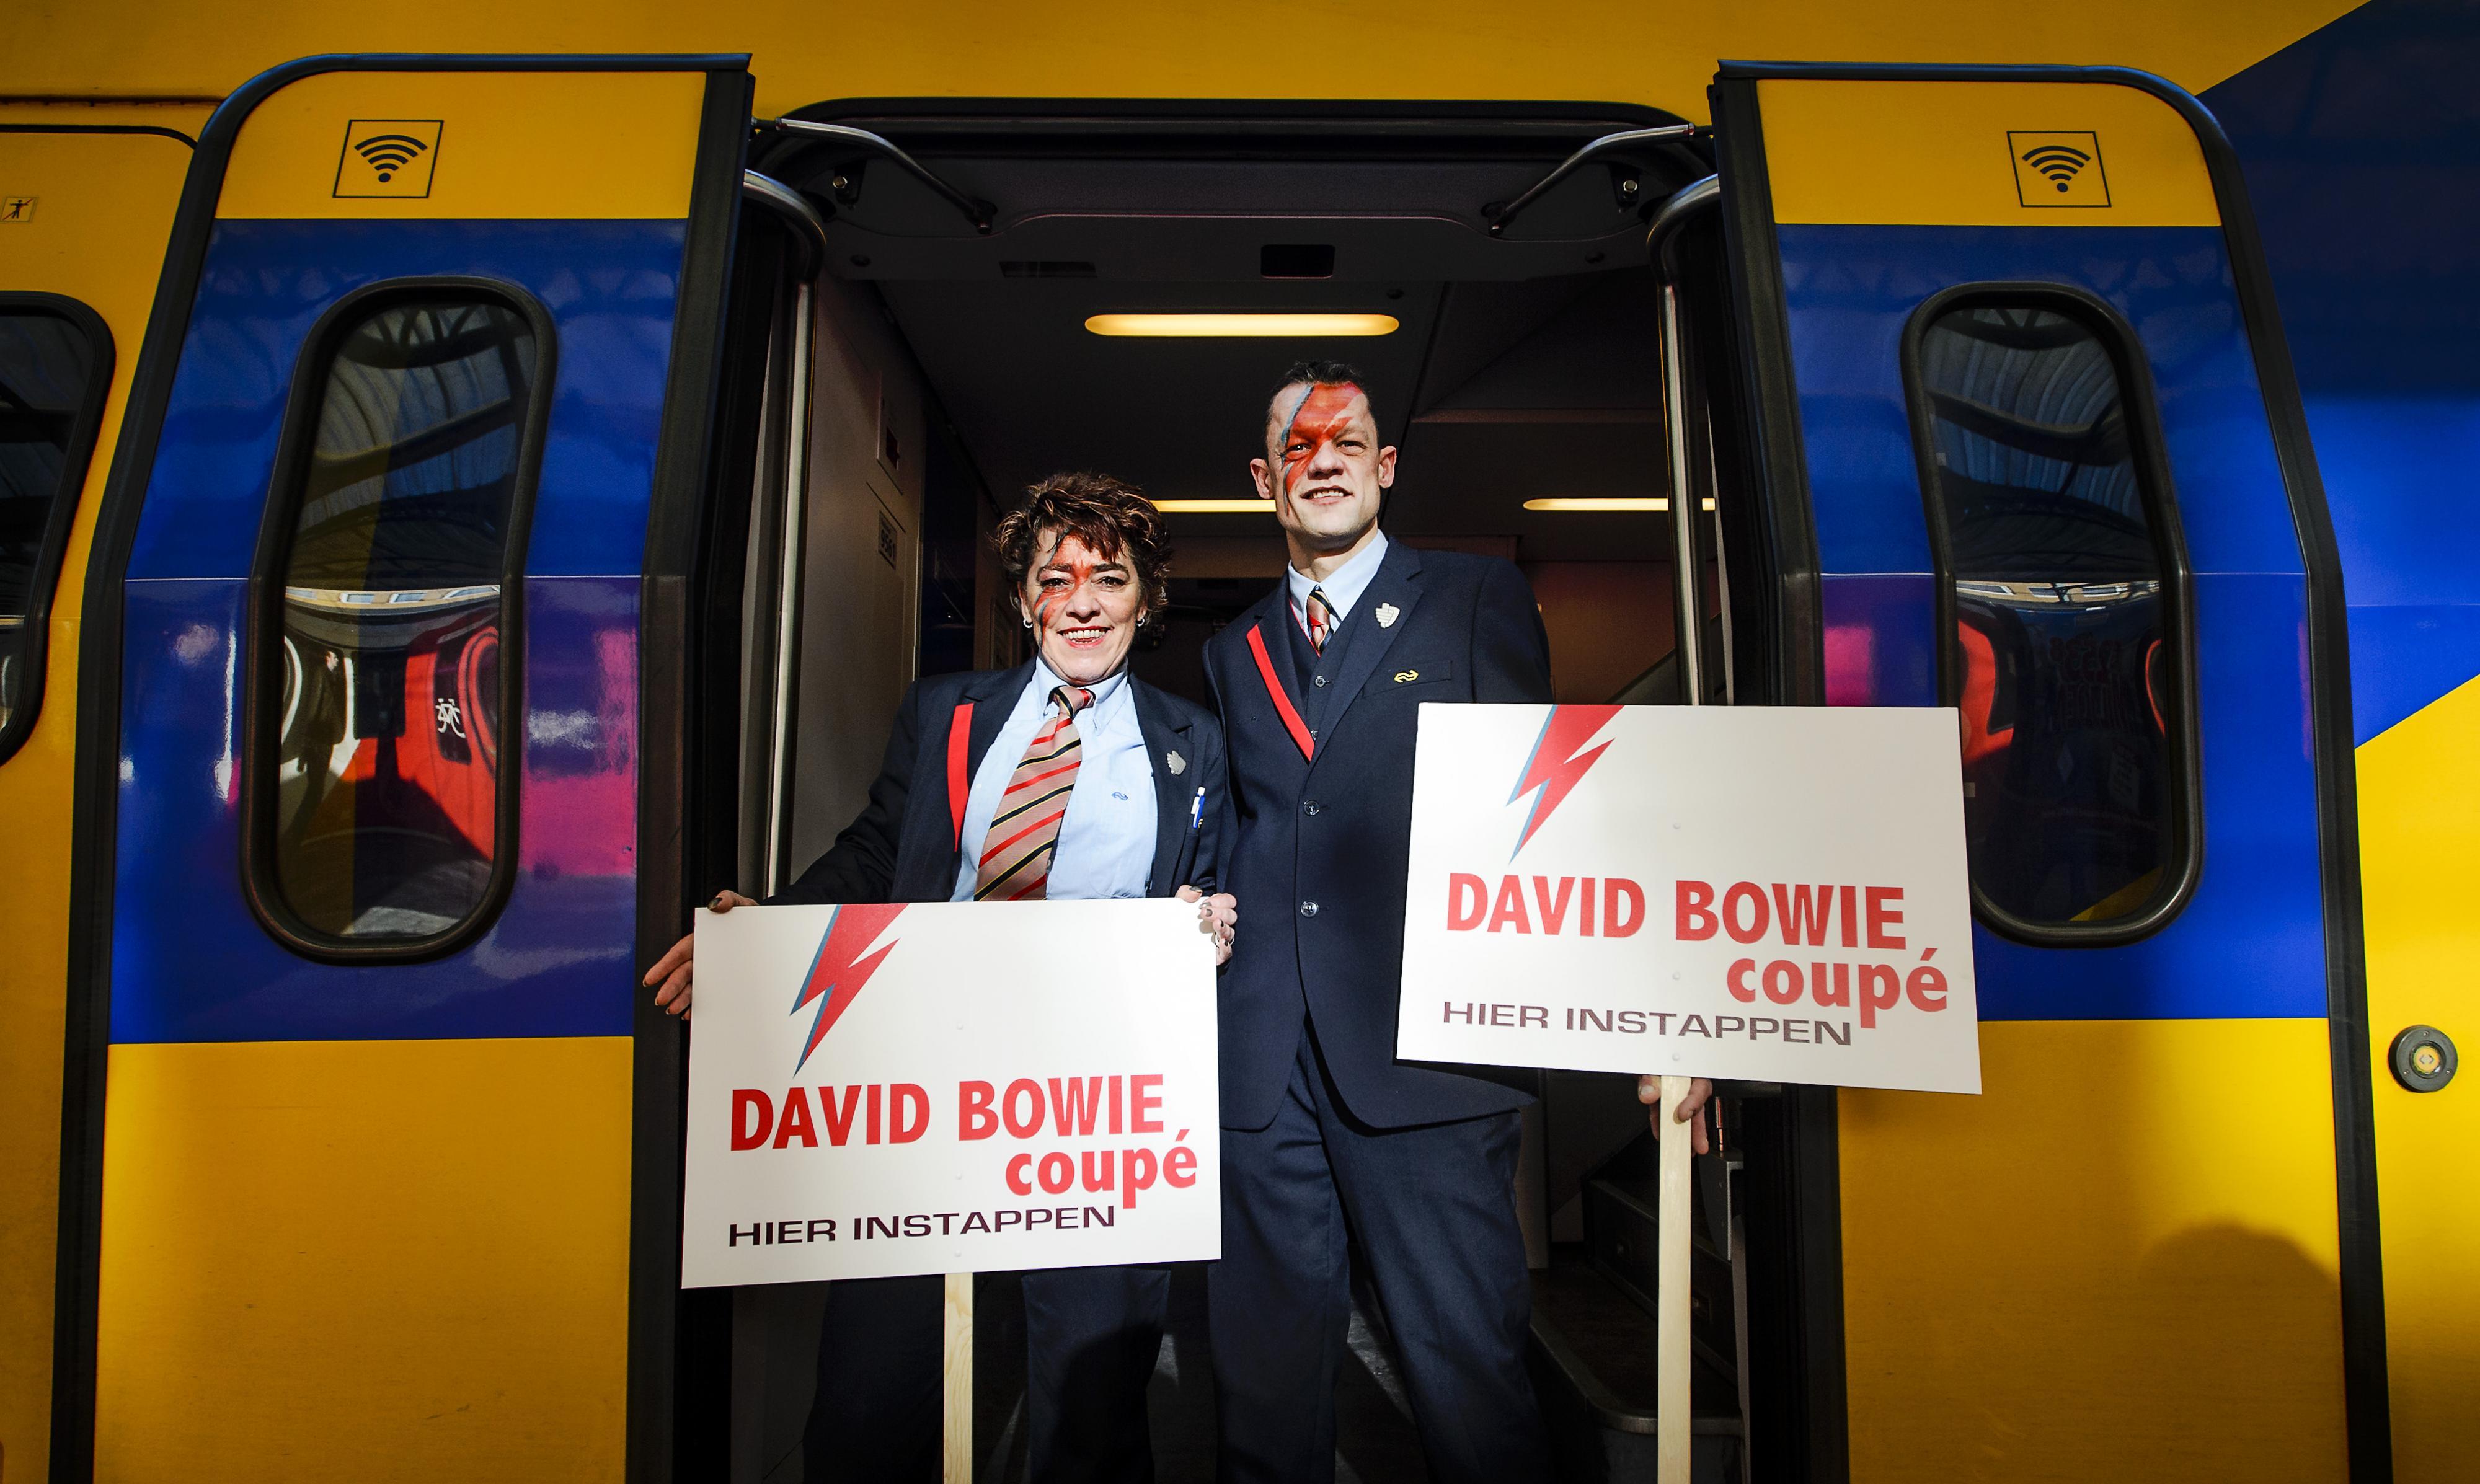 Na het overlijden van David Bowie werd er een coupé aan hem gewijd richting de expositie in Groningen. Foto: ANP